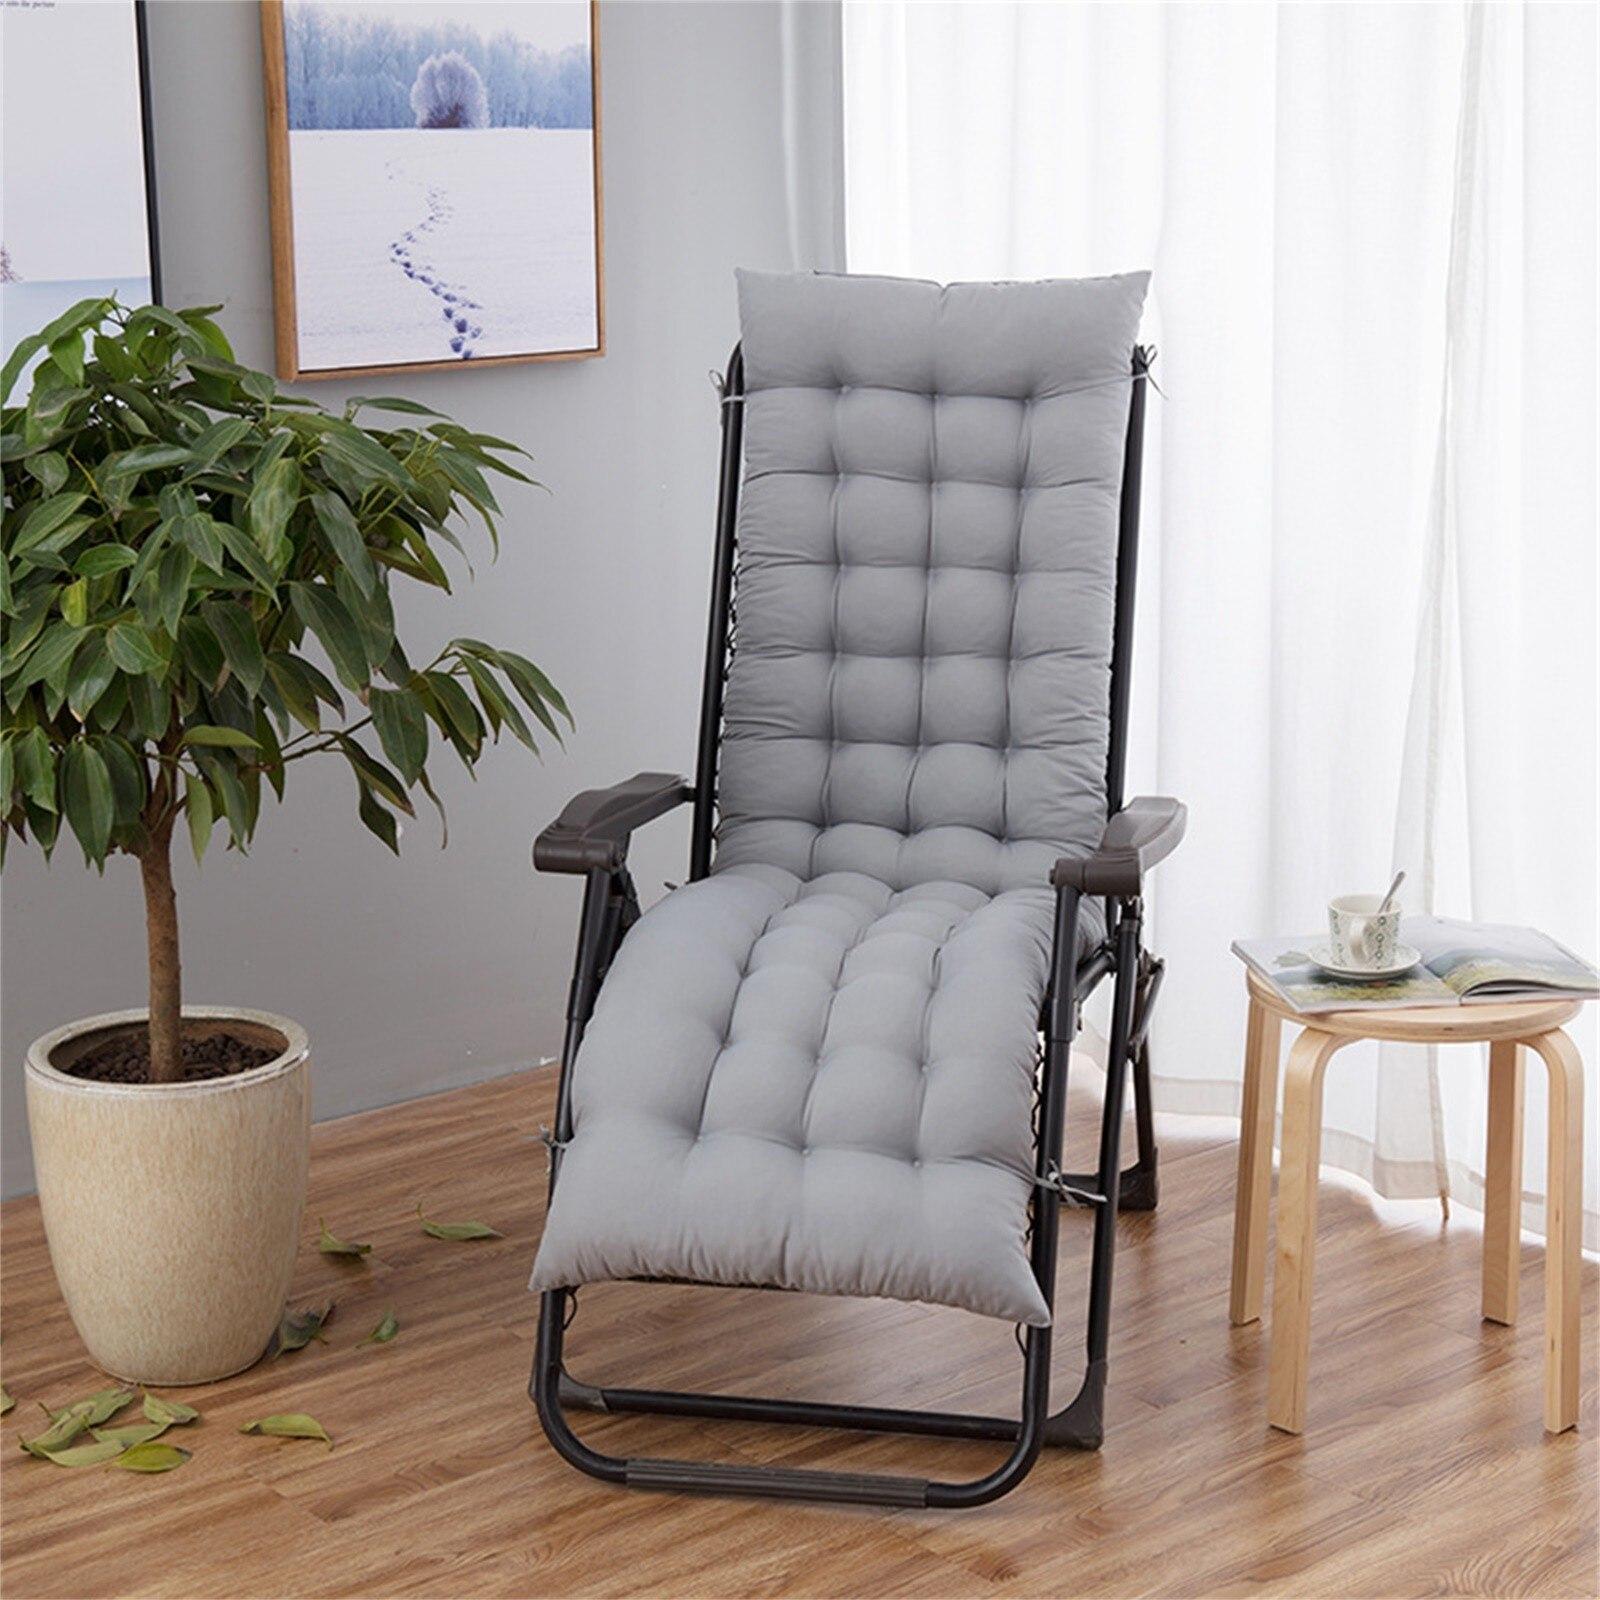 للطي Deckchair كرسي وسادة حصيرة أرجوحة حديقة أرجوحة وسادة لينة مقعد المتسكعون حصيرة طويلة كرسي الأريكة فراش النوم